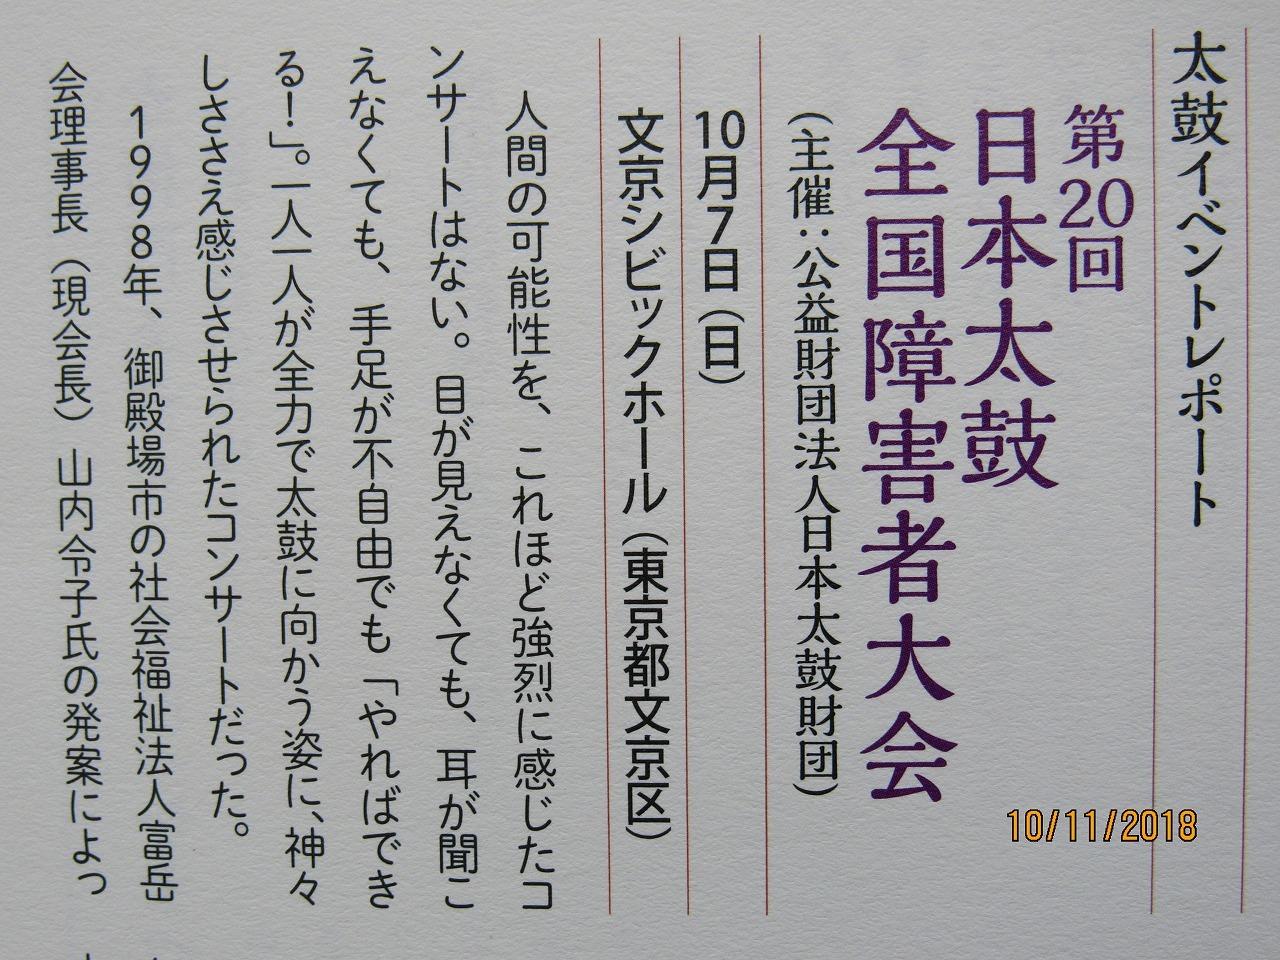 木立 by 浅野太鼓文化研究所 _e0185893_09172551.jpg